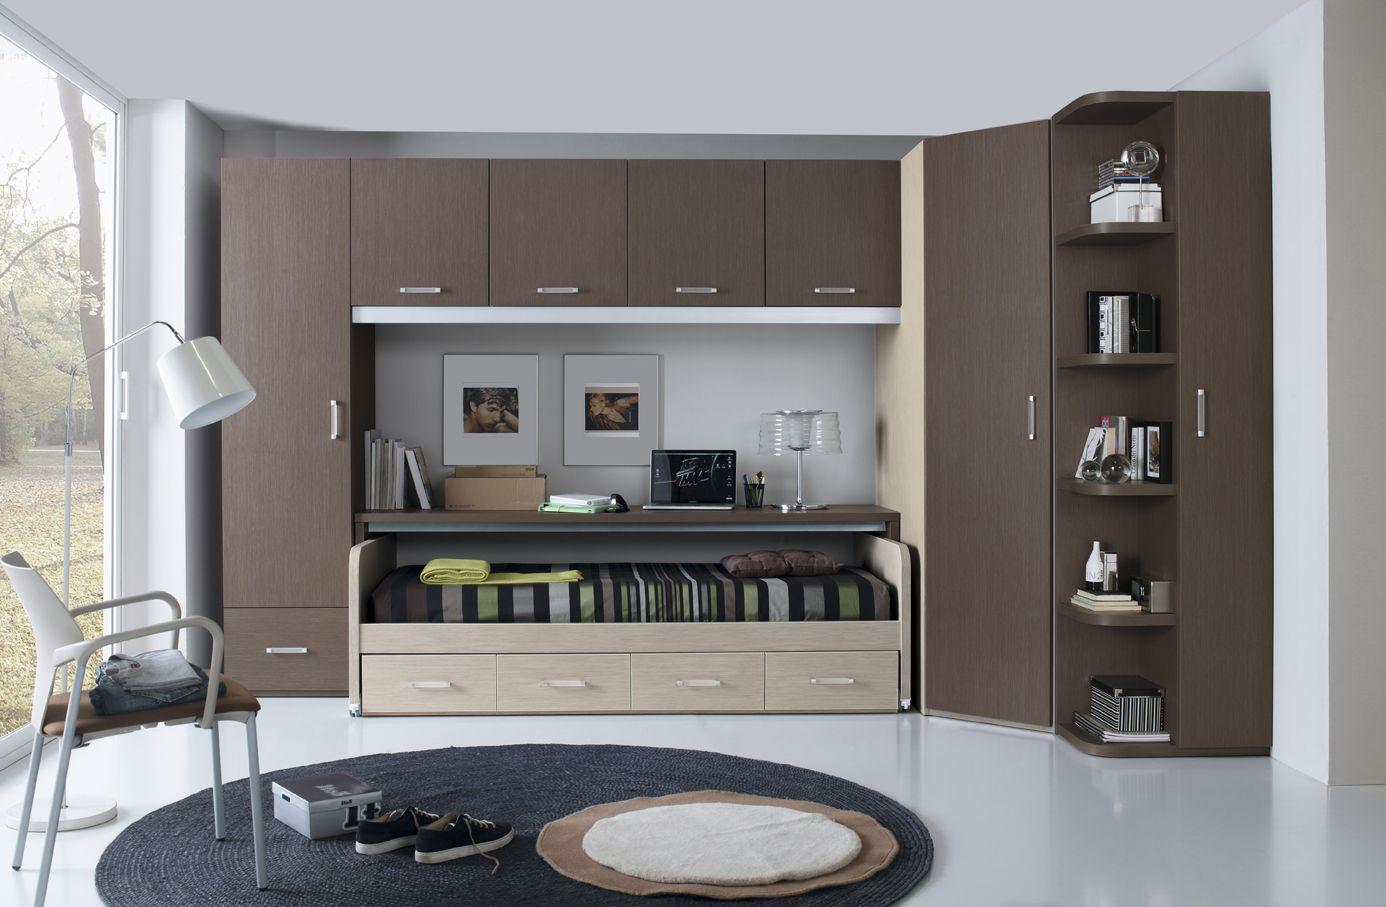 Muebles Orts Sonrie Idees 2 Dormitorio Juvenil 65 Dormitorio  # Quartos Muebles